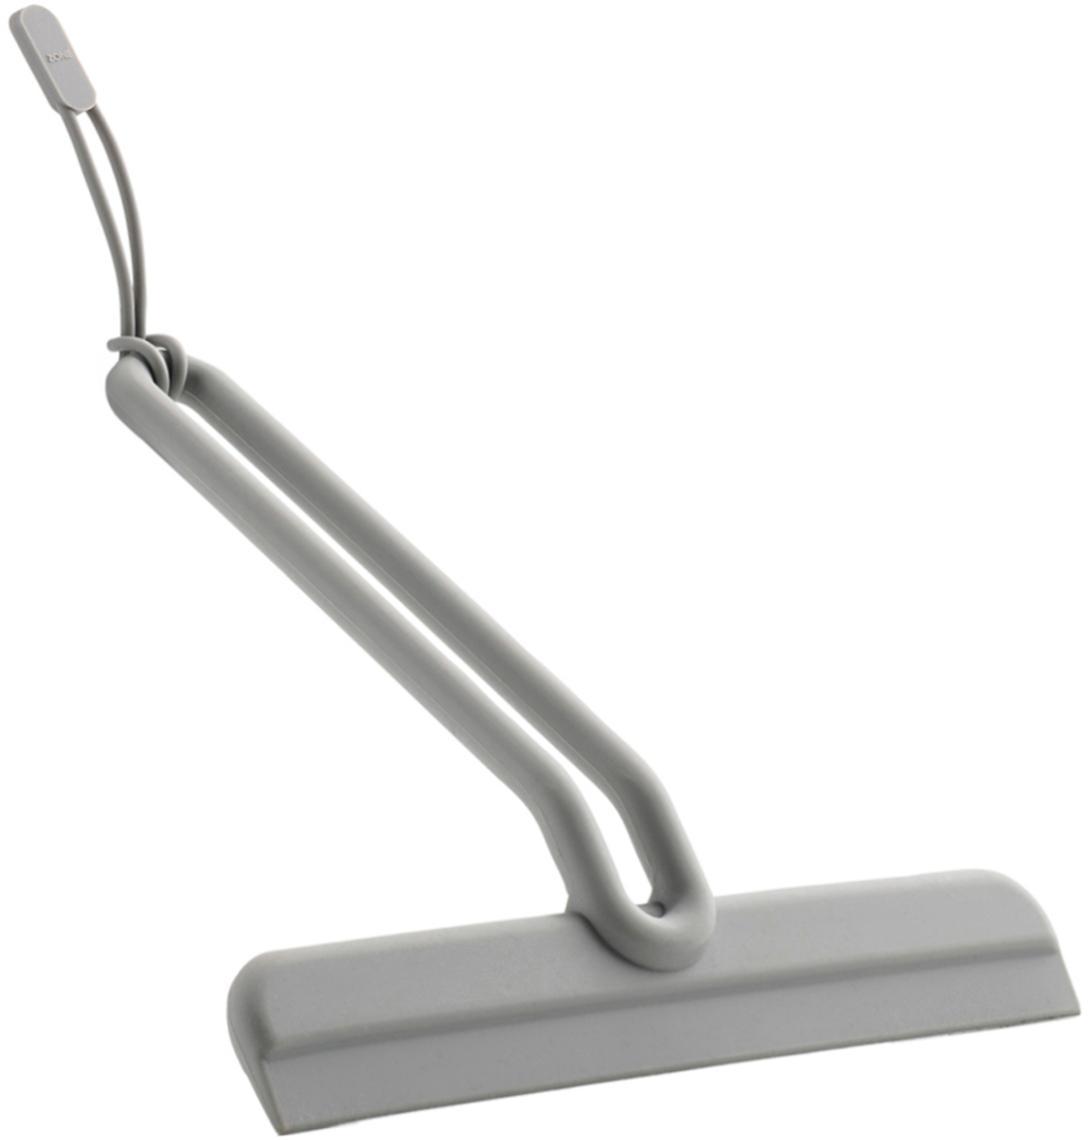 Abzieher Aguina mit Aufhängeschlaufe, Griff: Stahl, lackiert, Abziehleiste: Silikon, Grau, 20 x 19 cm